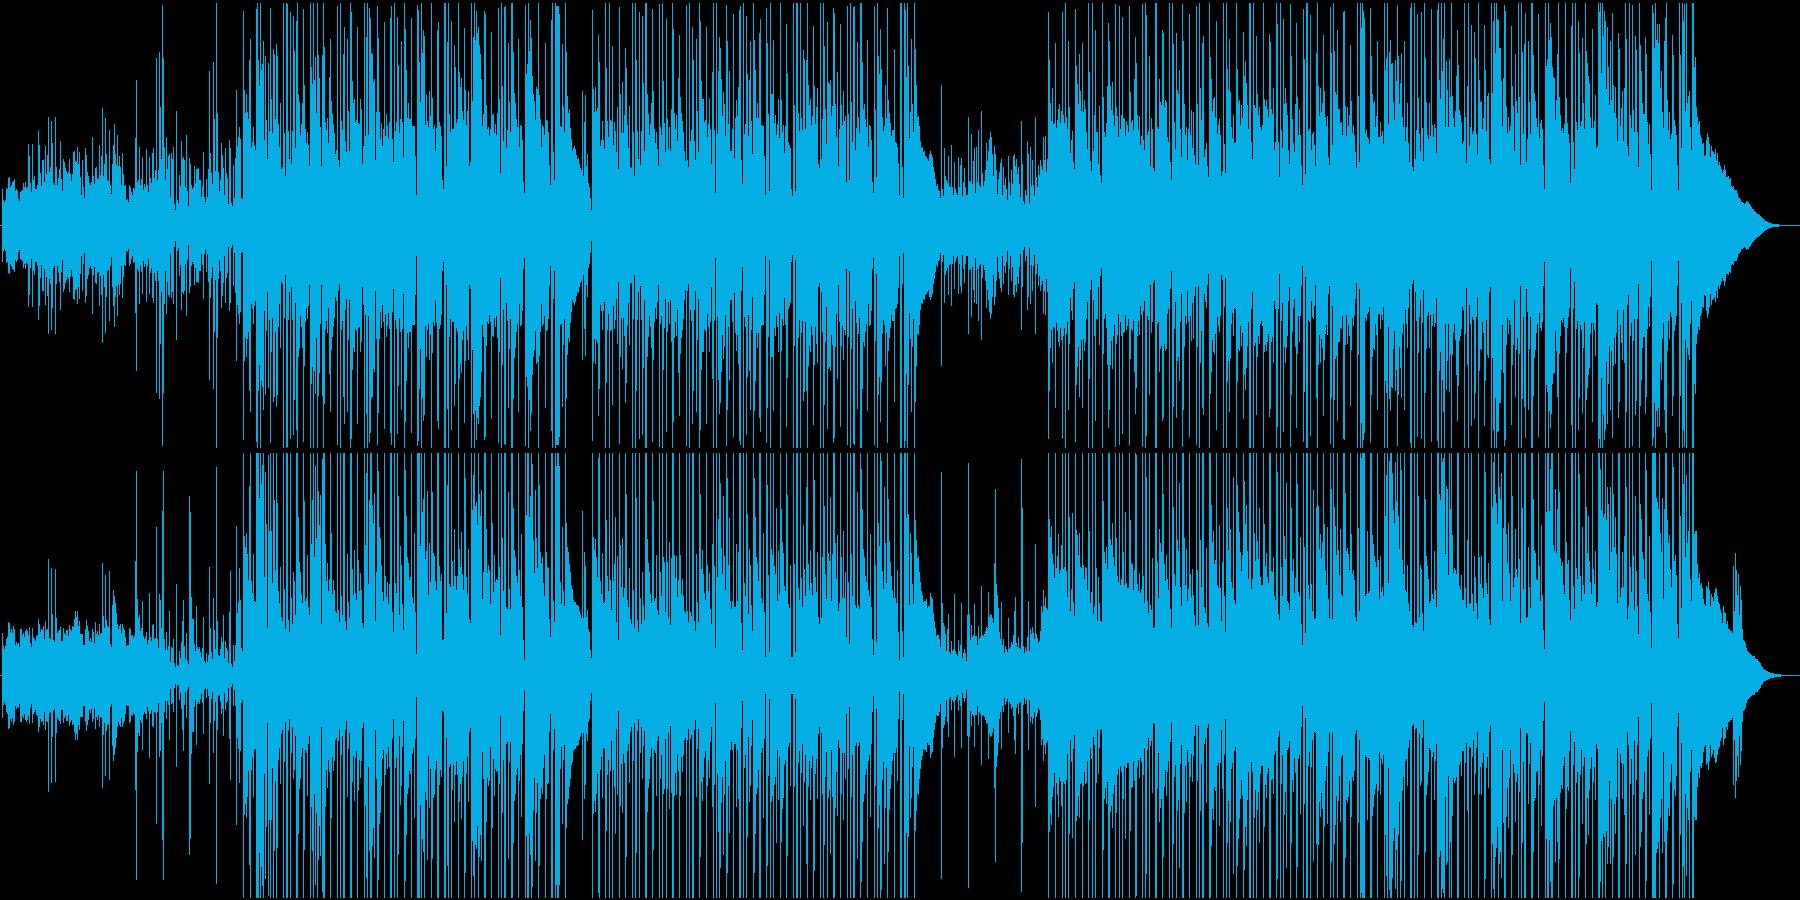 のんびりウクレレのハワイアン楽曲の再生済みの波形